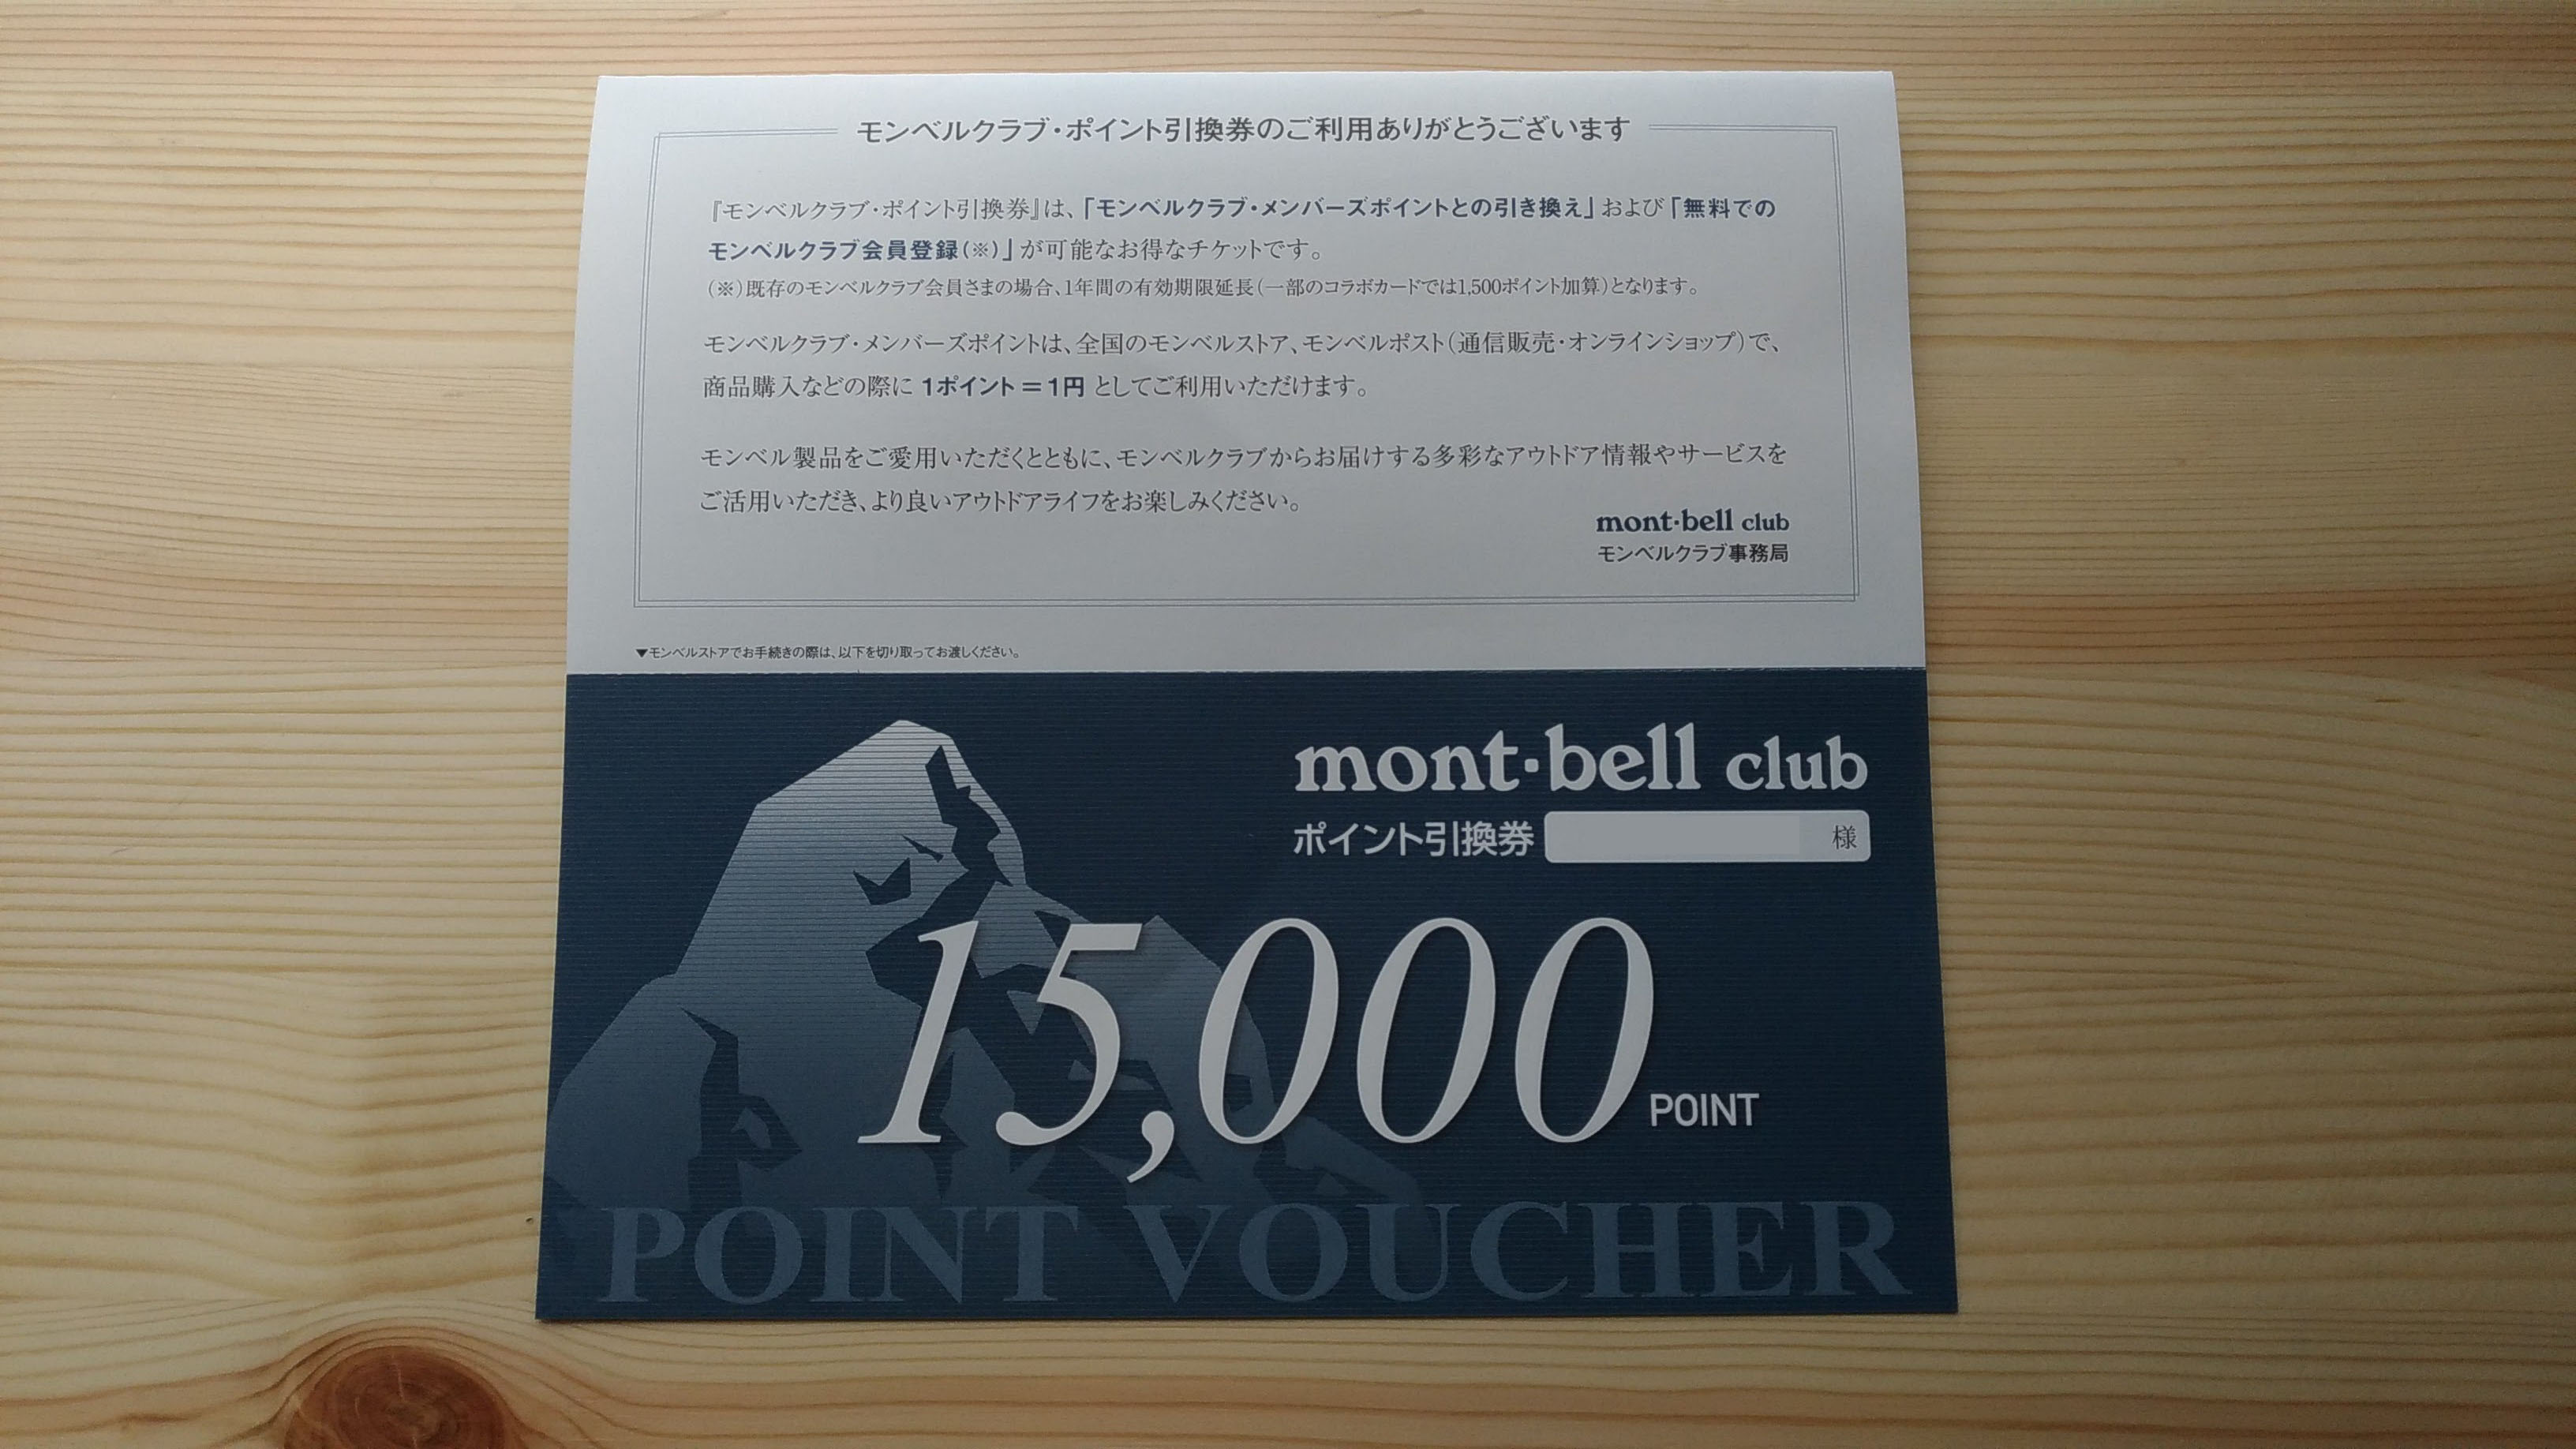 モンベルのポイント引換券